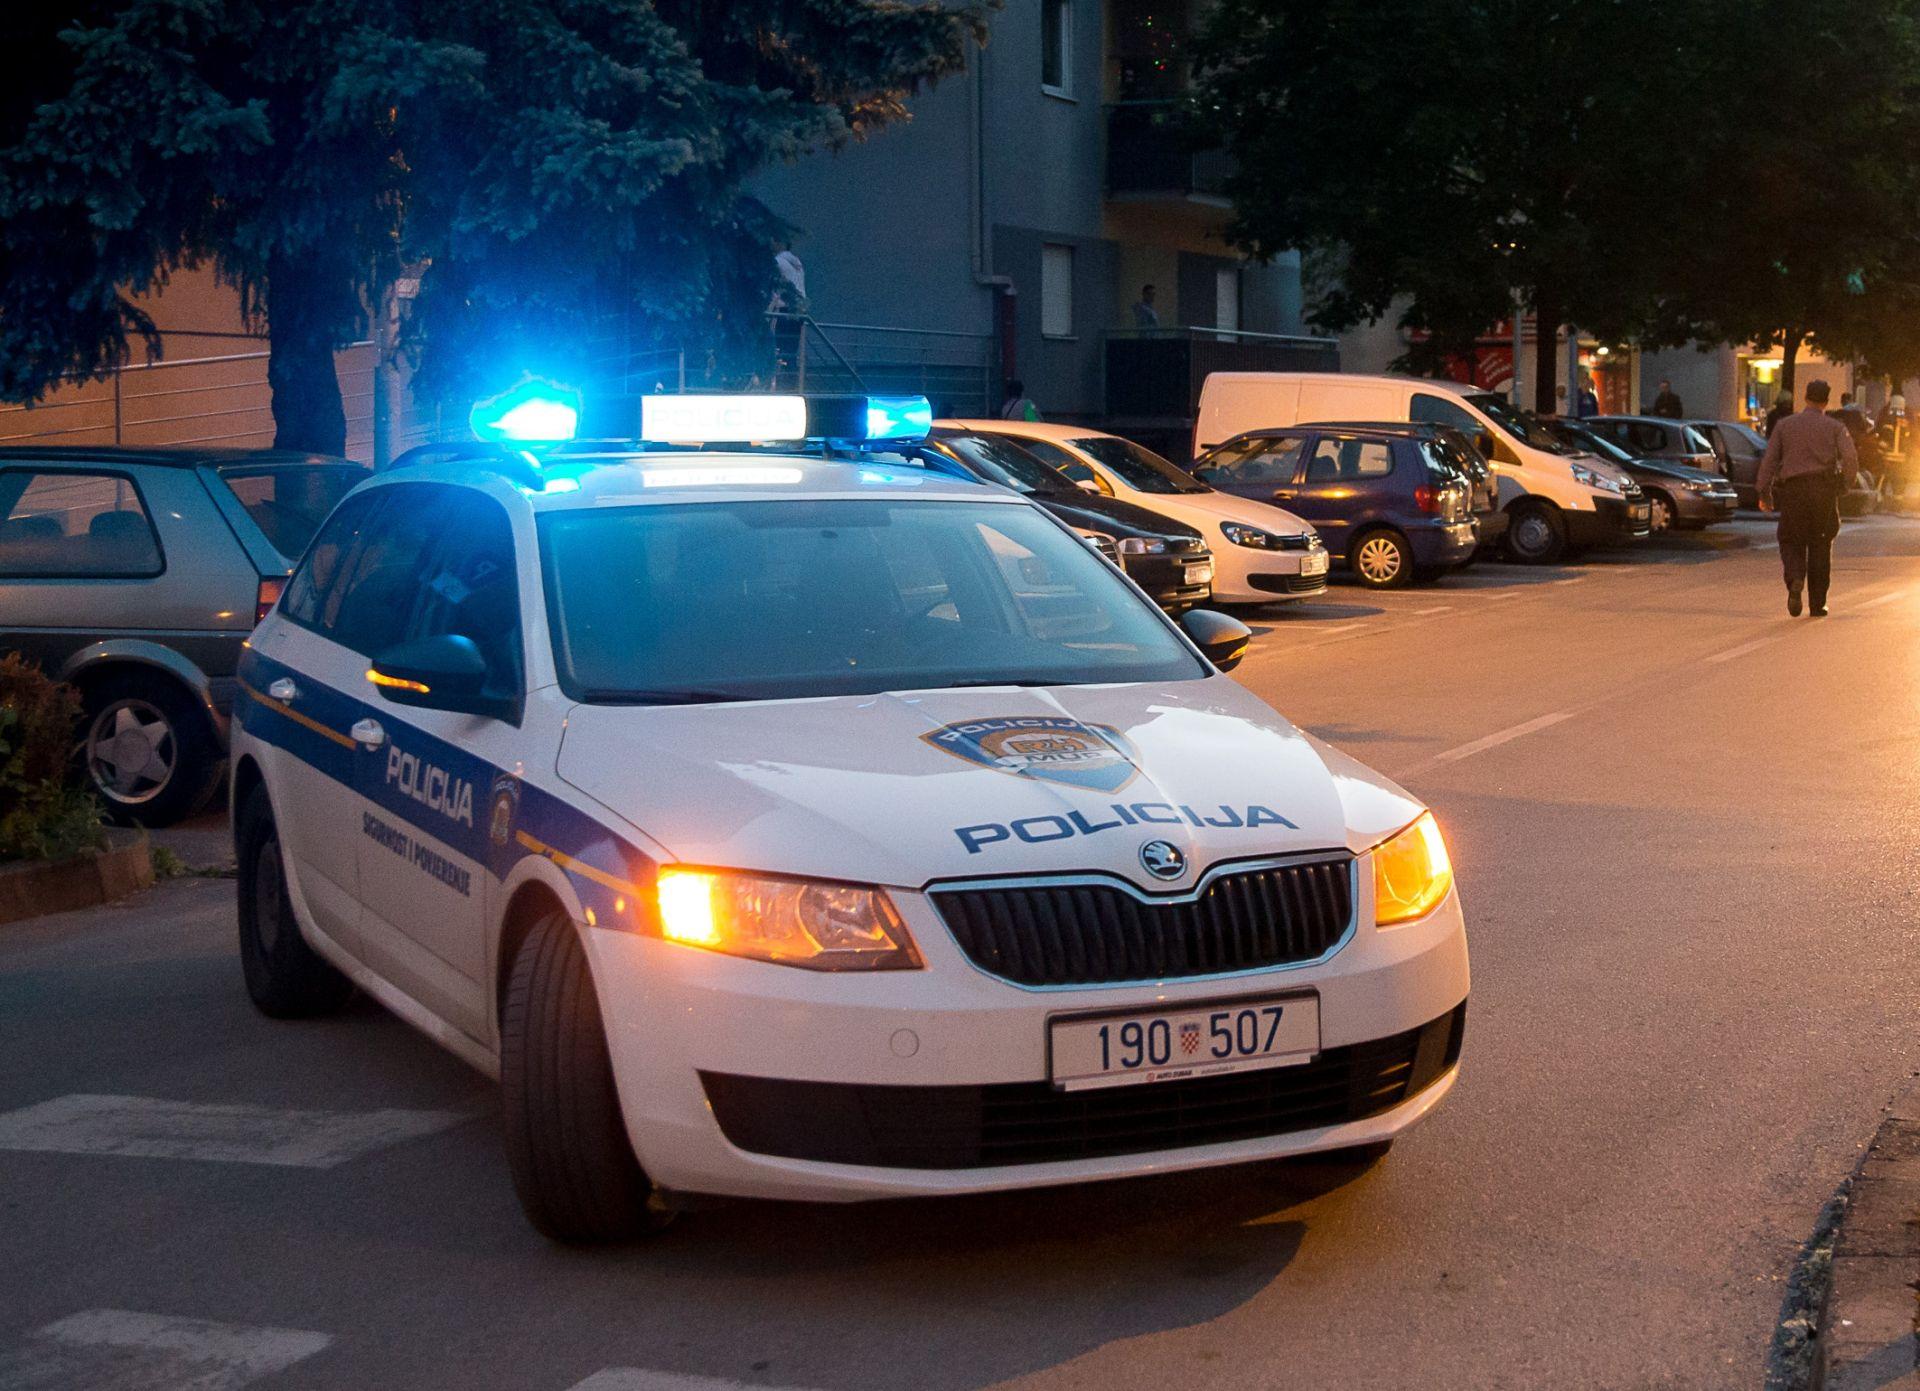 ZAGREB U centru grada pronađeno beživotno tijelo, sumnja se u nasilnu smrt